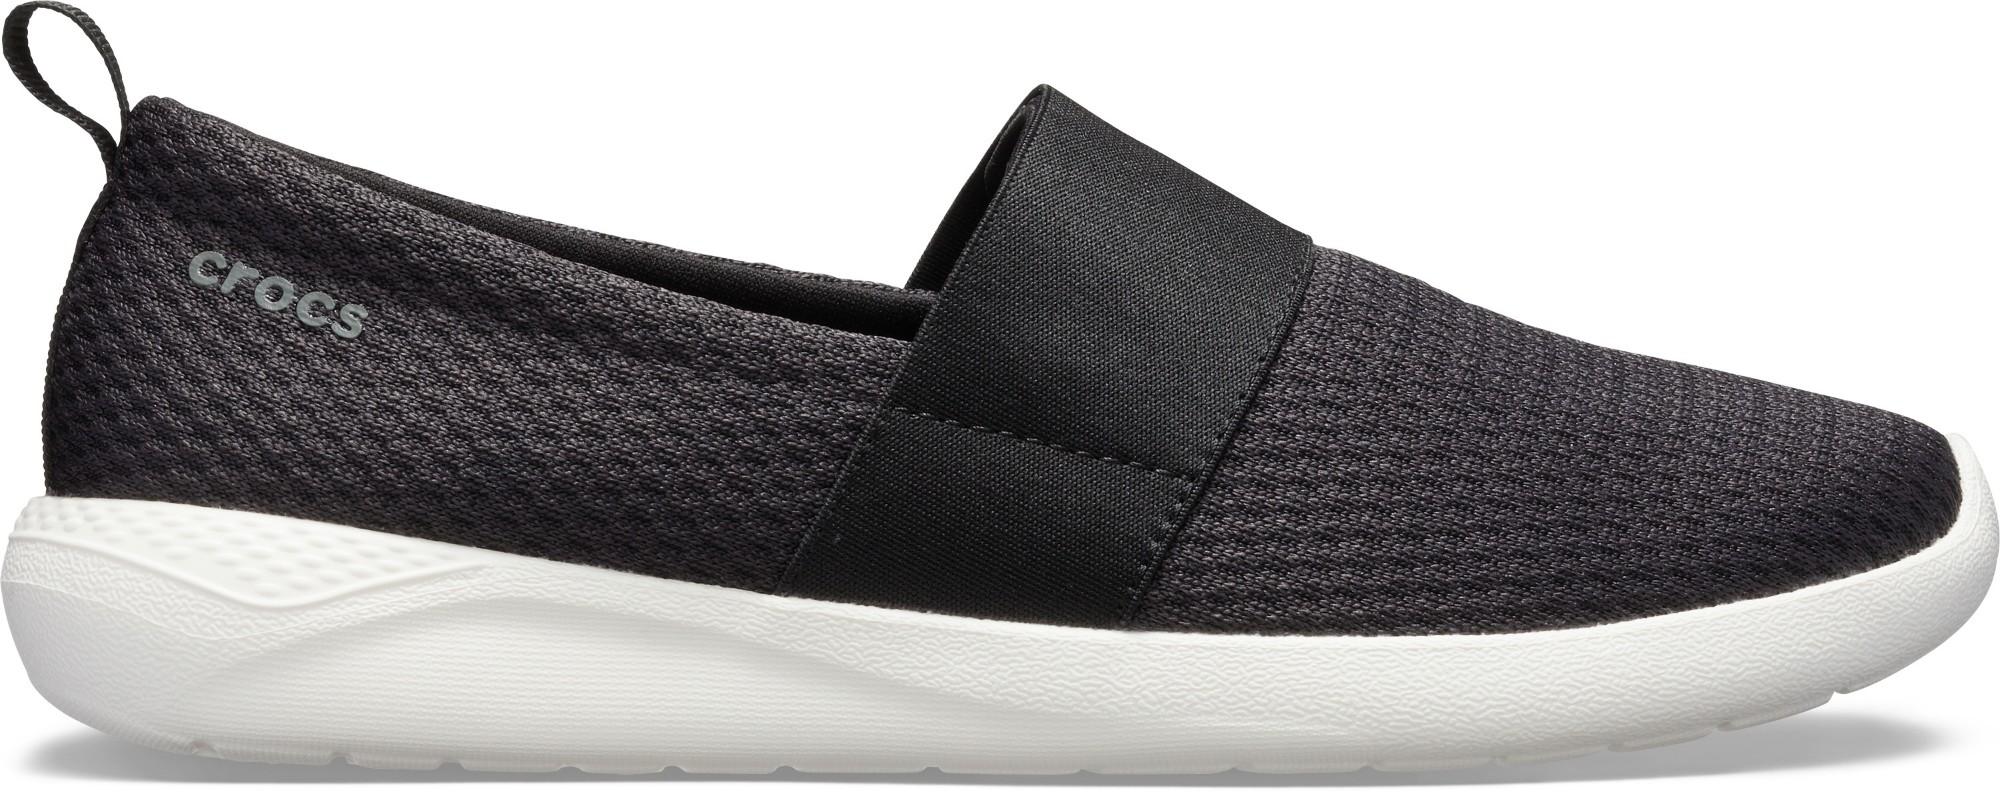 Crocs™ LiteRide Mesh Slip-On Women's Black/White 36,5